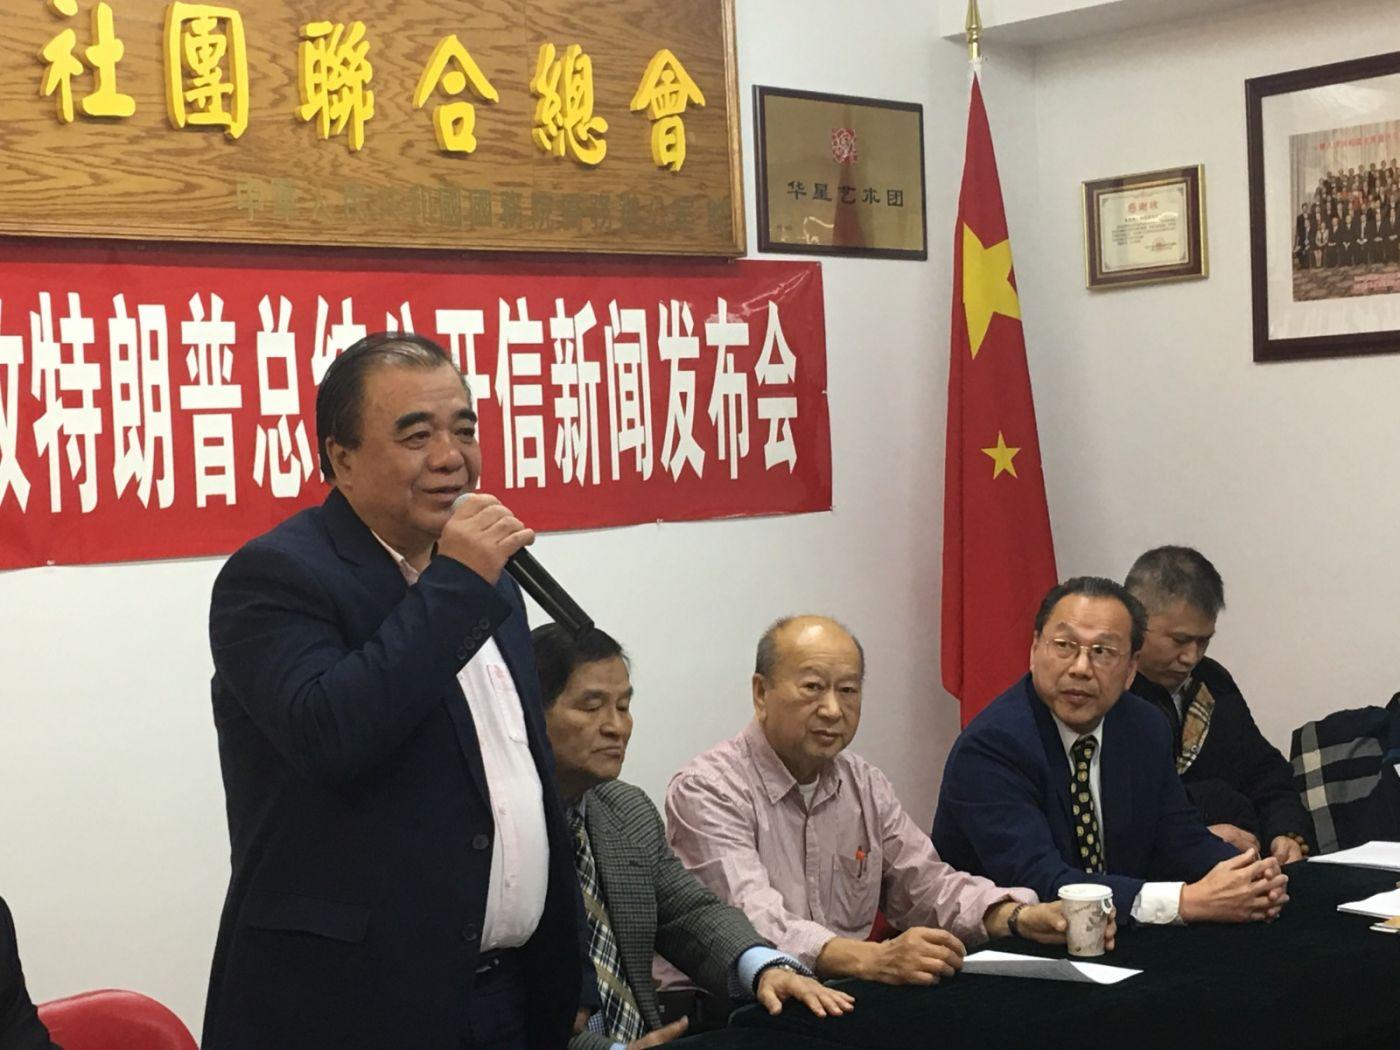 美東各界華僑華人致特朗普總統公開信新聞發佈會_图1-7